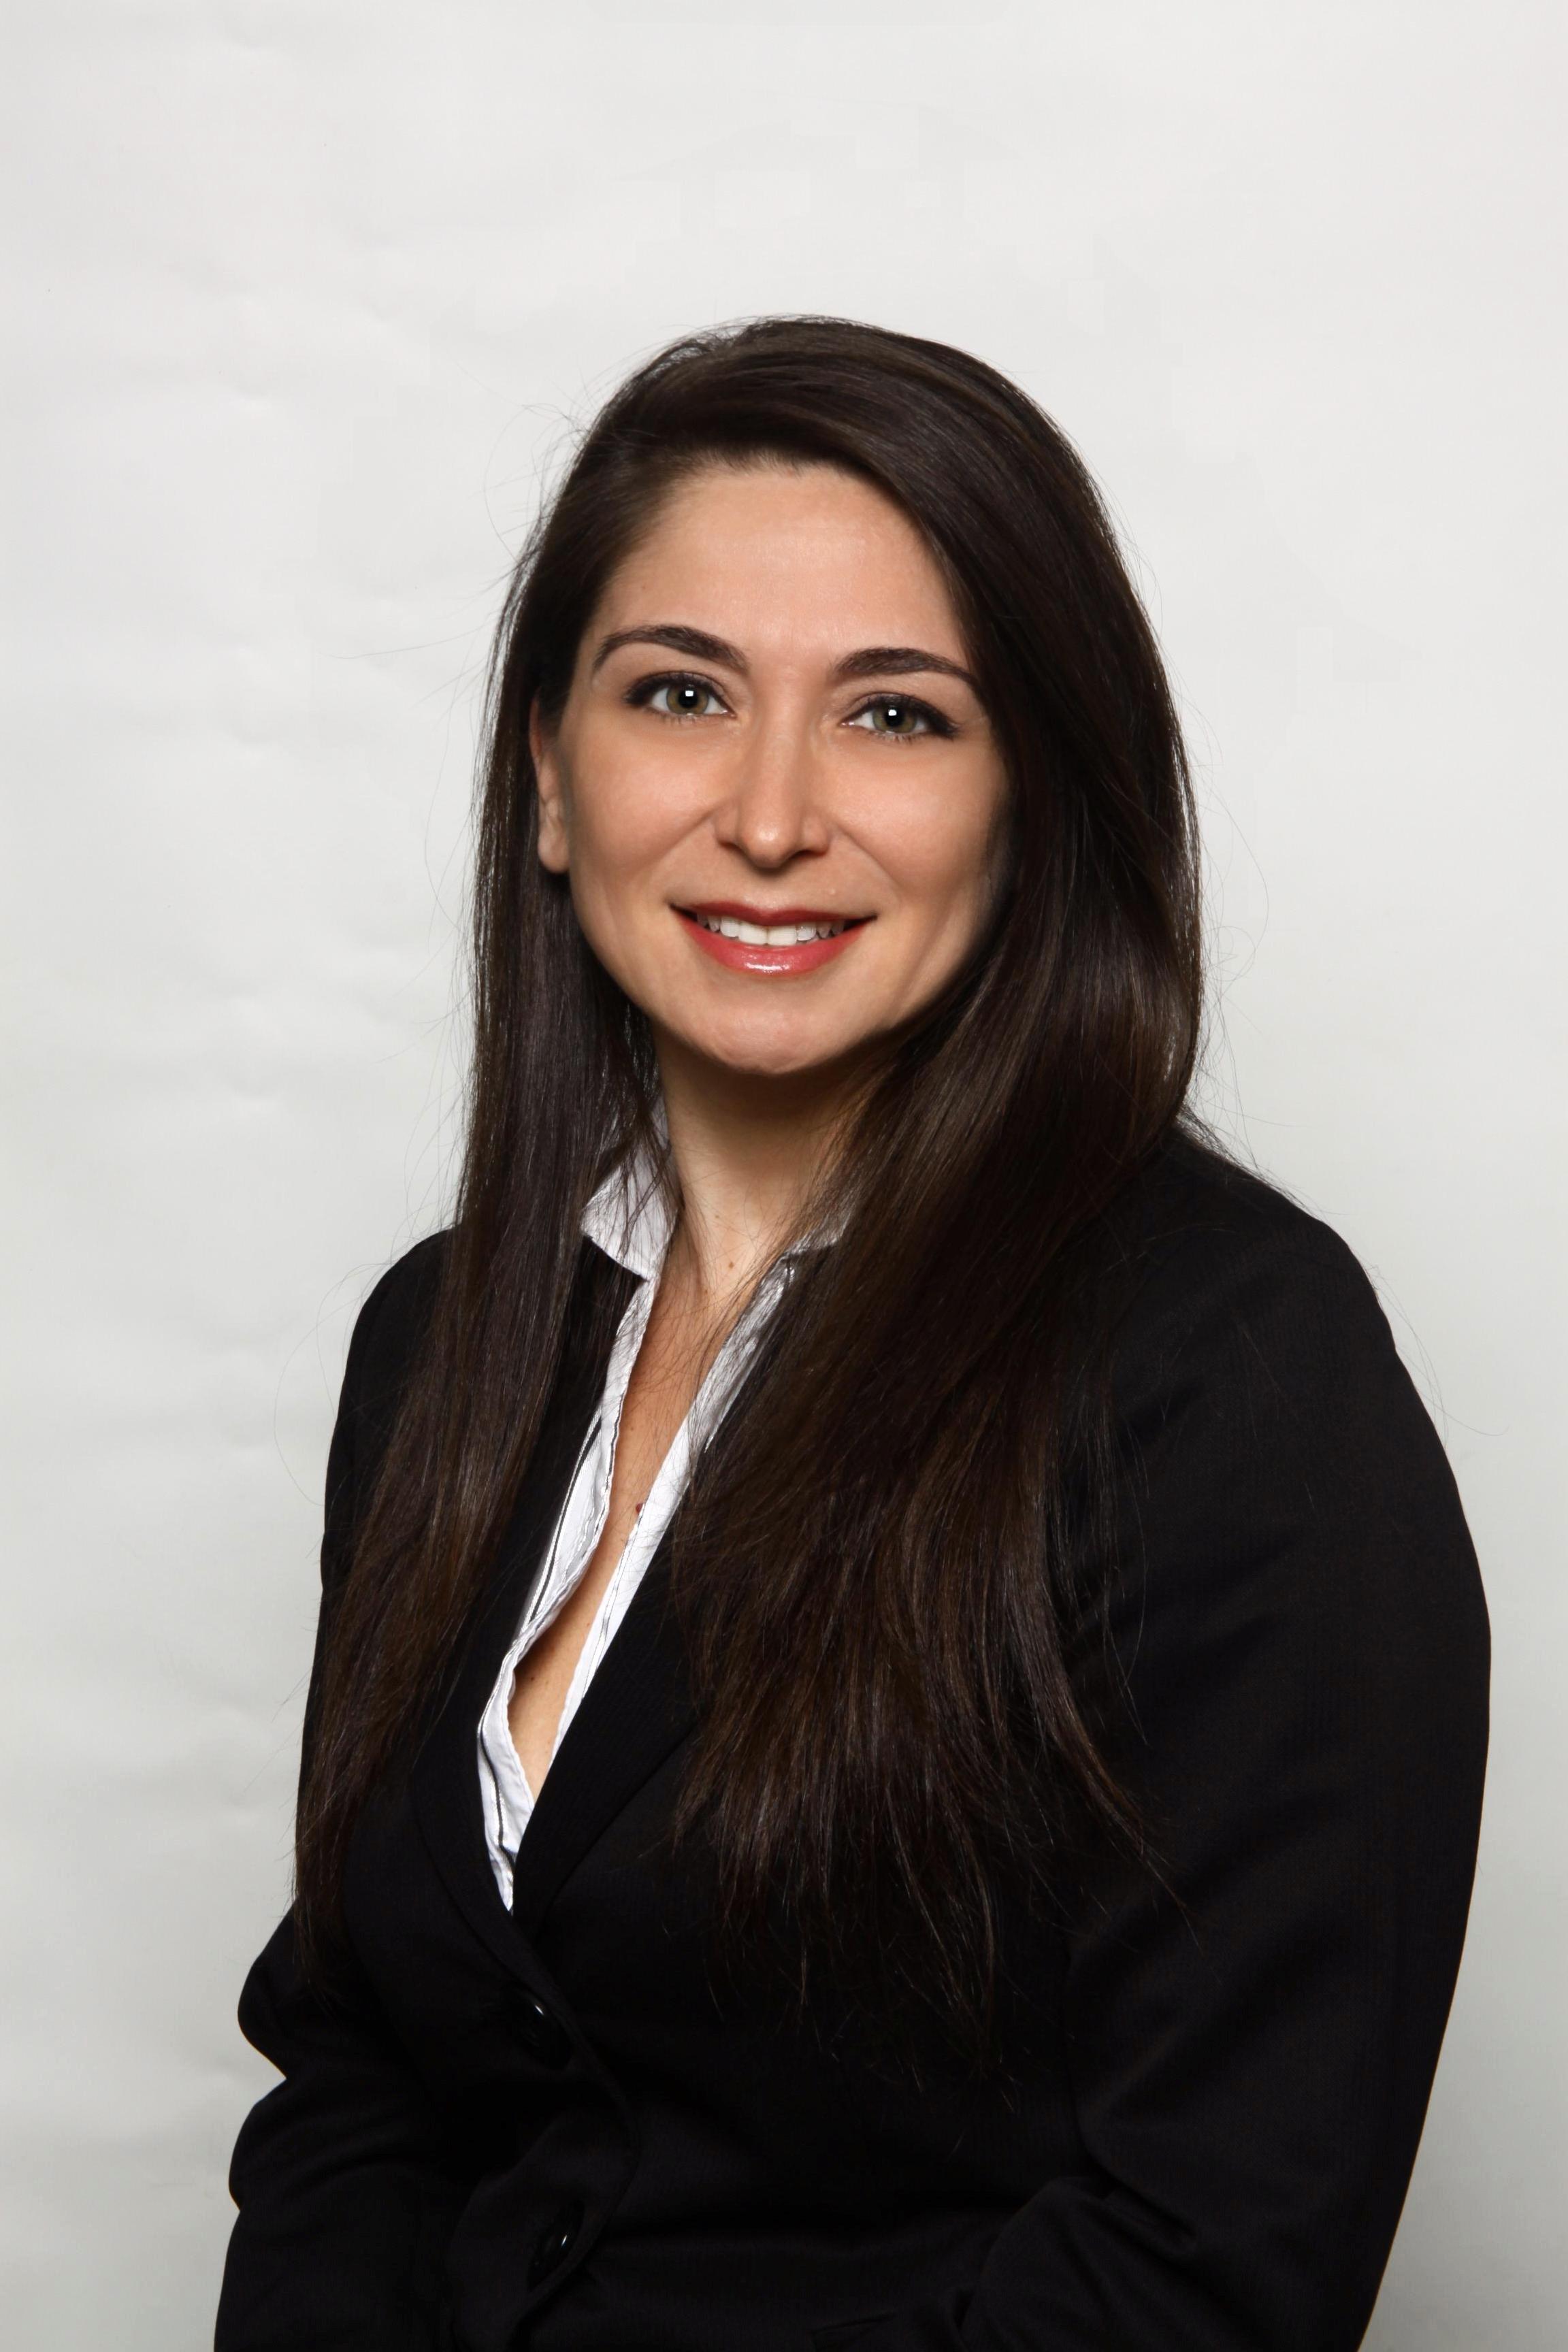 Amira Mamhikoff